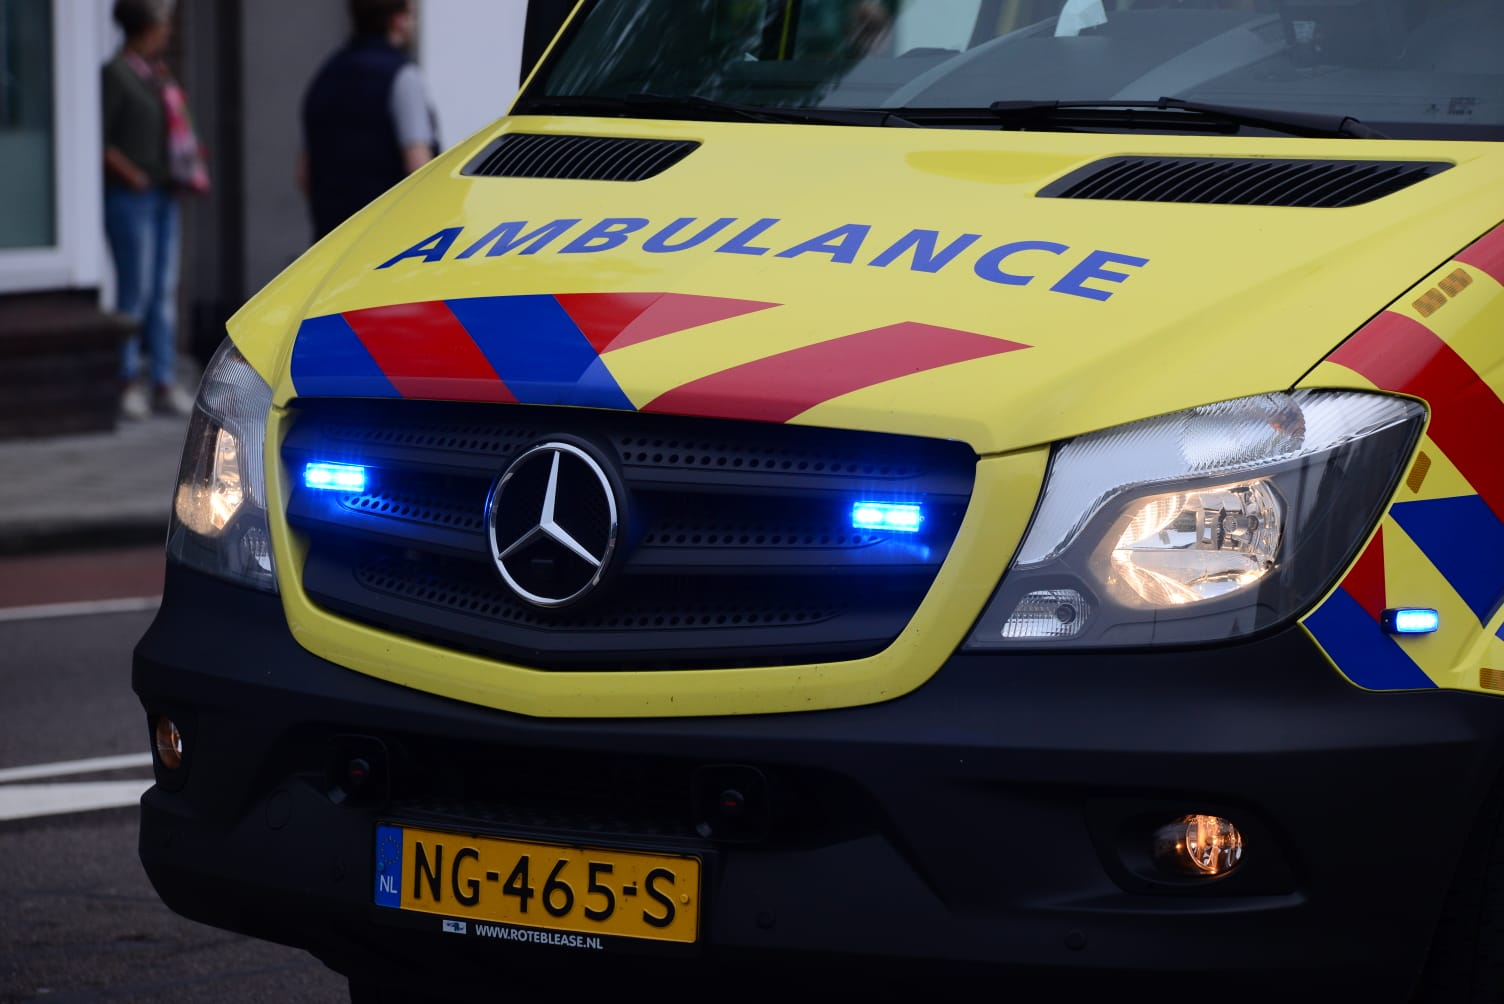 59-jarige Dordtenaar raakt zwaargewond na mishandeling aan Tak van Poortvlietstraat Dordrecht